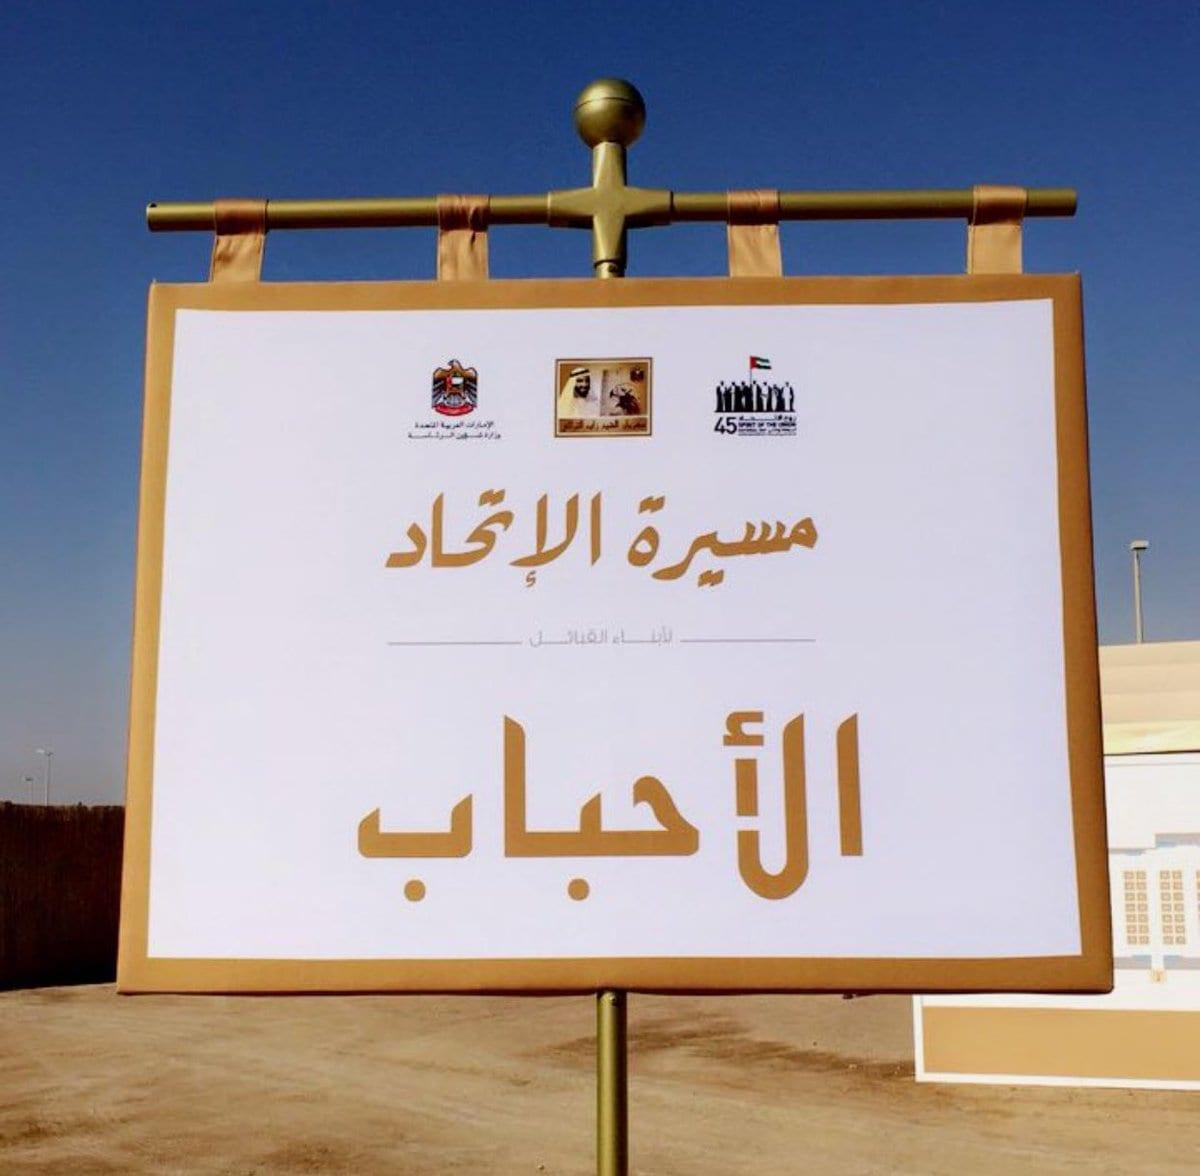 Photo of صور مسيرة الإتحاد تبداء من الوثبة أبو ظبي من ضمن فعاليات مهرجان اليوم الوطني 45 في مهرجان_الشيخ_زايد_التراثي